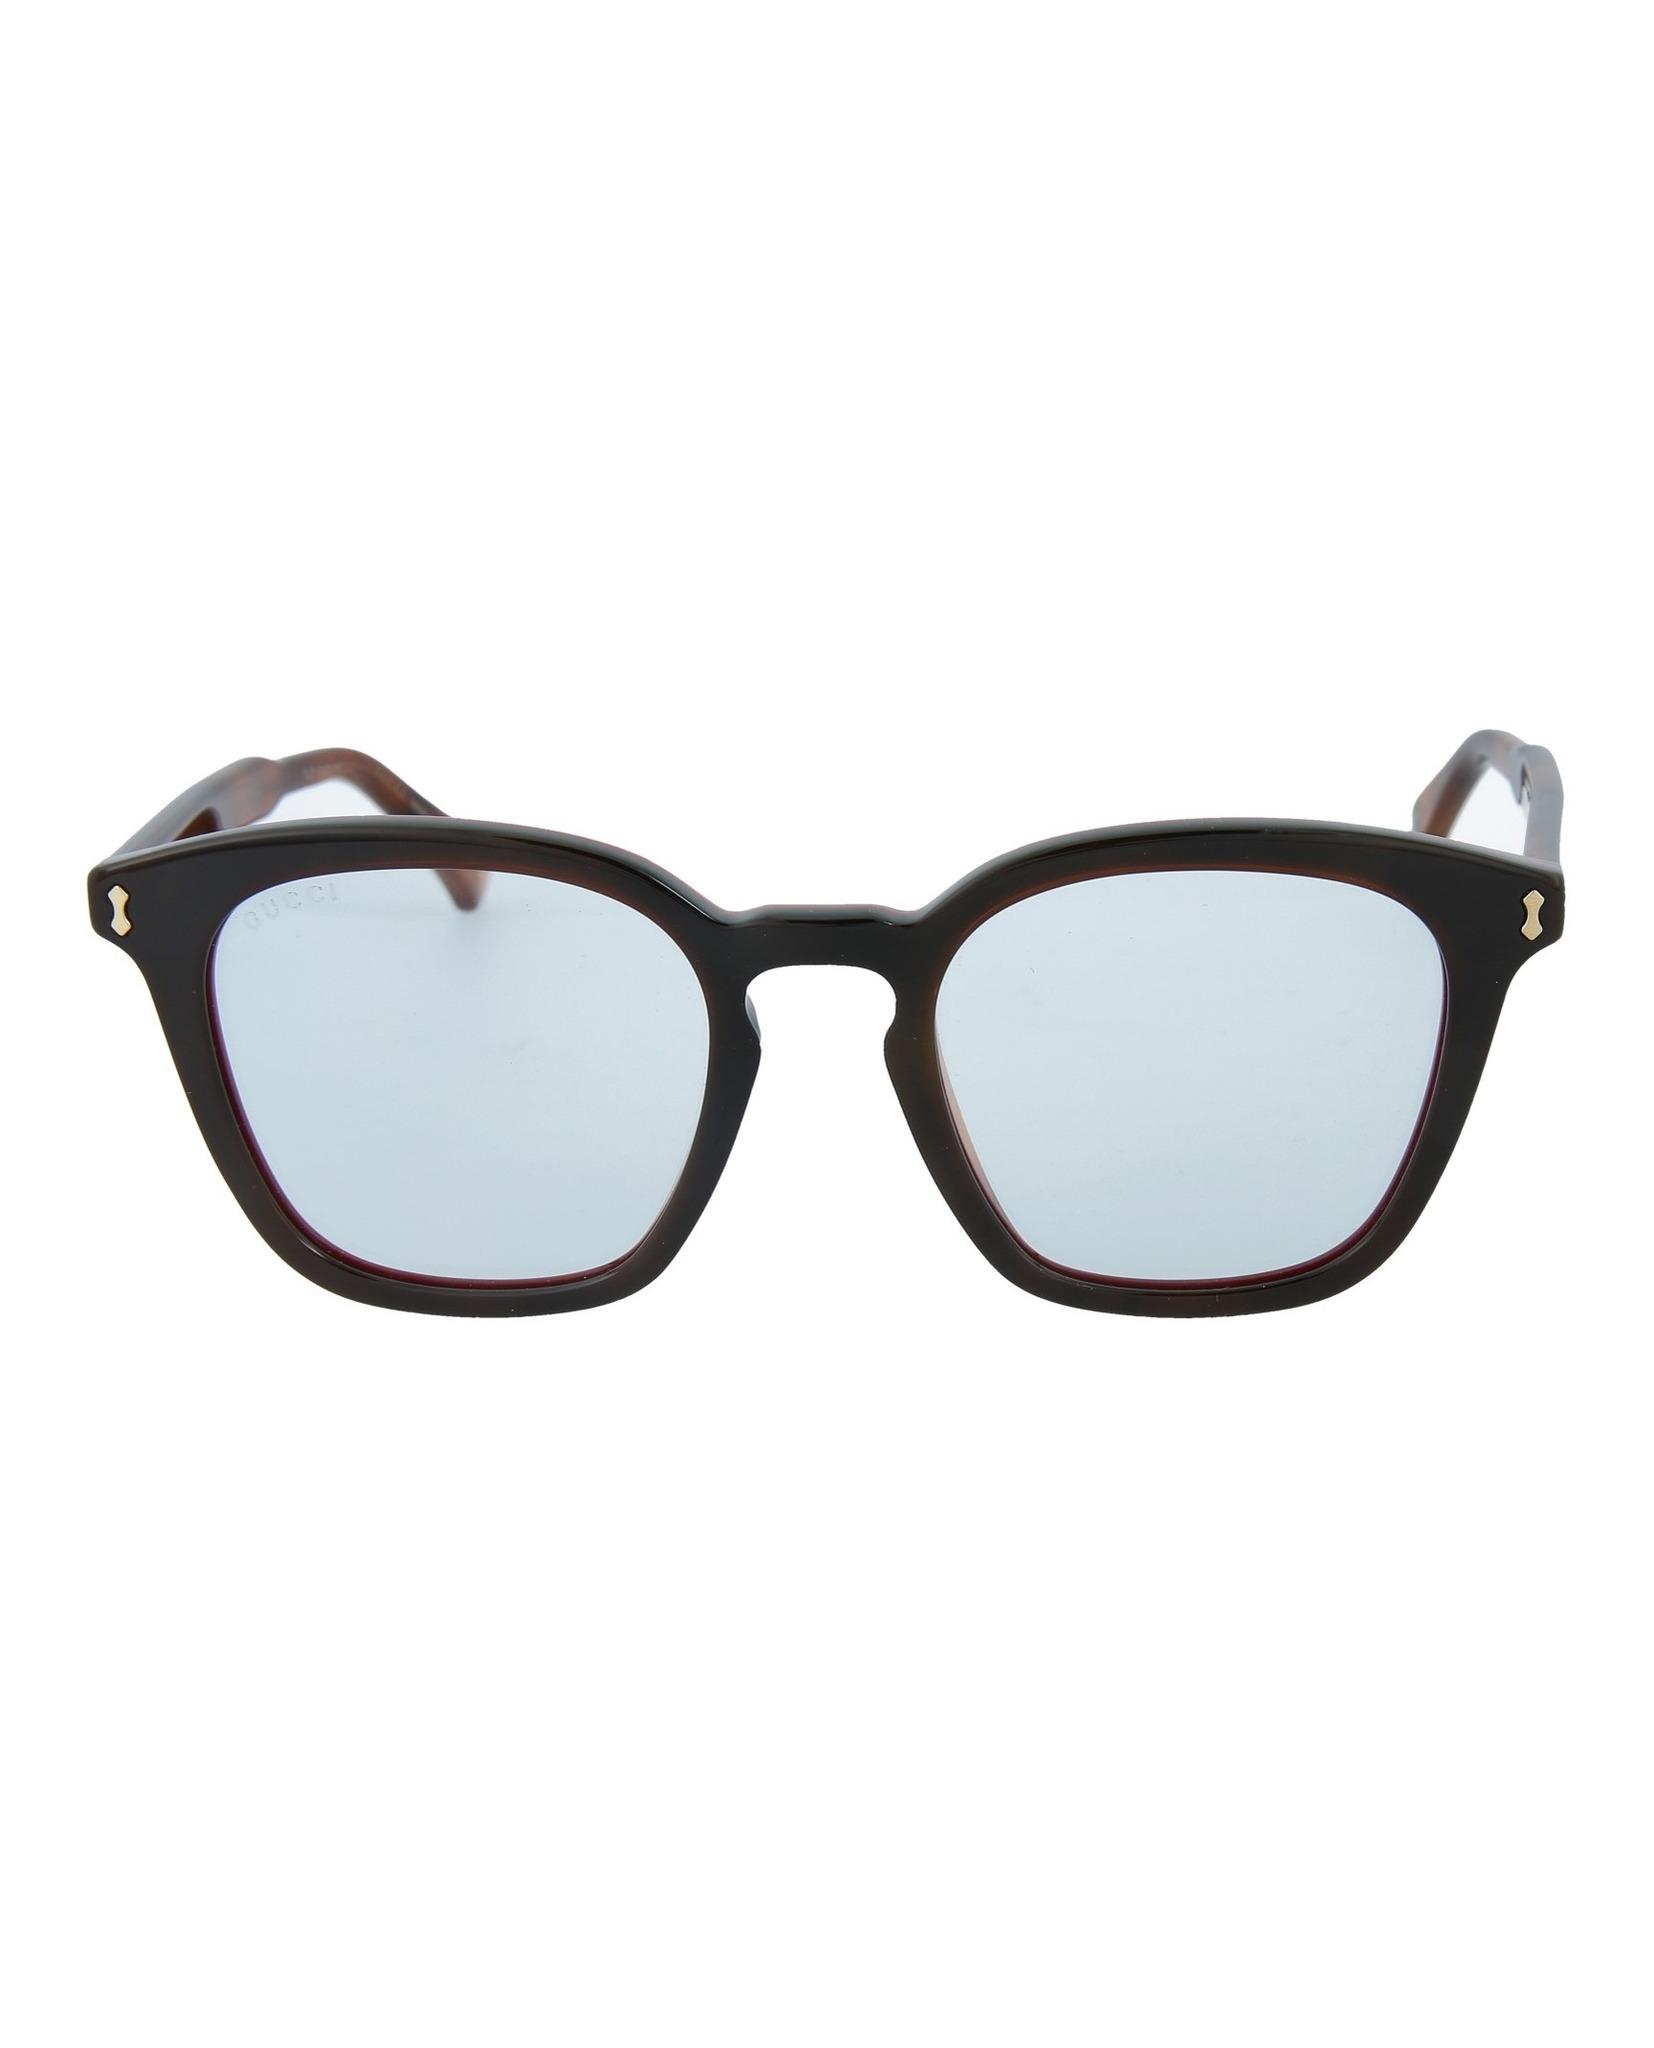 0f955e0a2ca Gucci Mens Square Rectangle Sunglasses GG0125S-30001533-007 ...